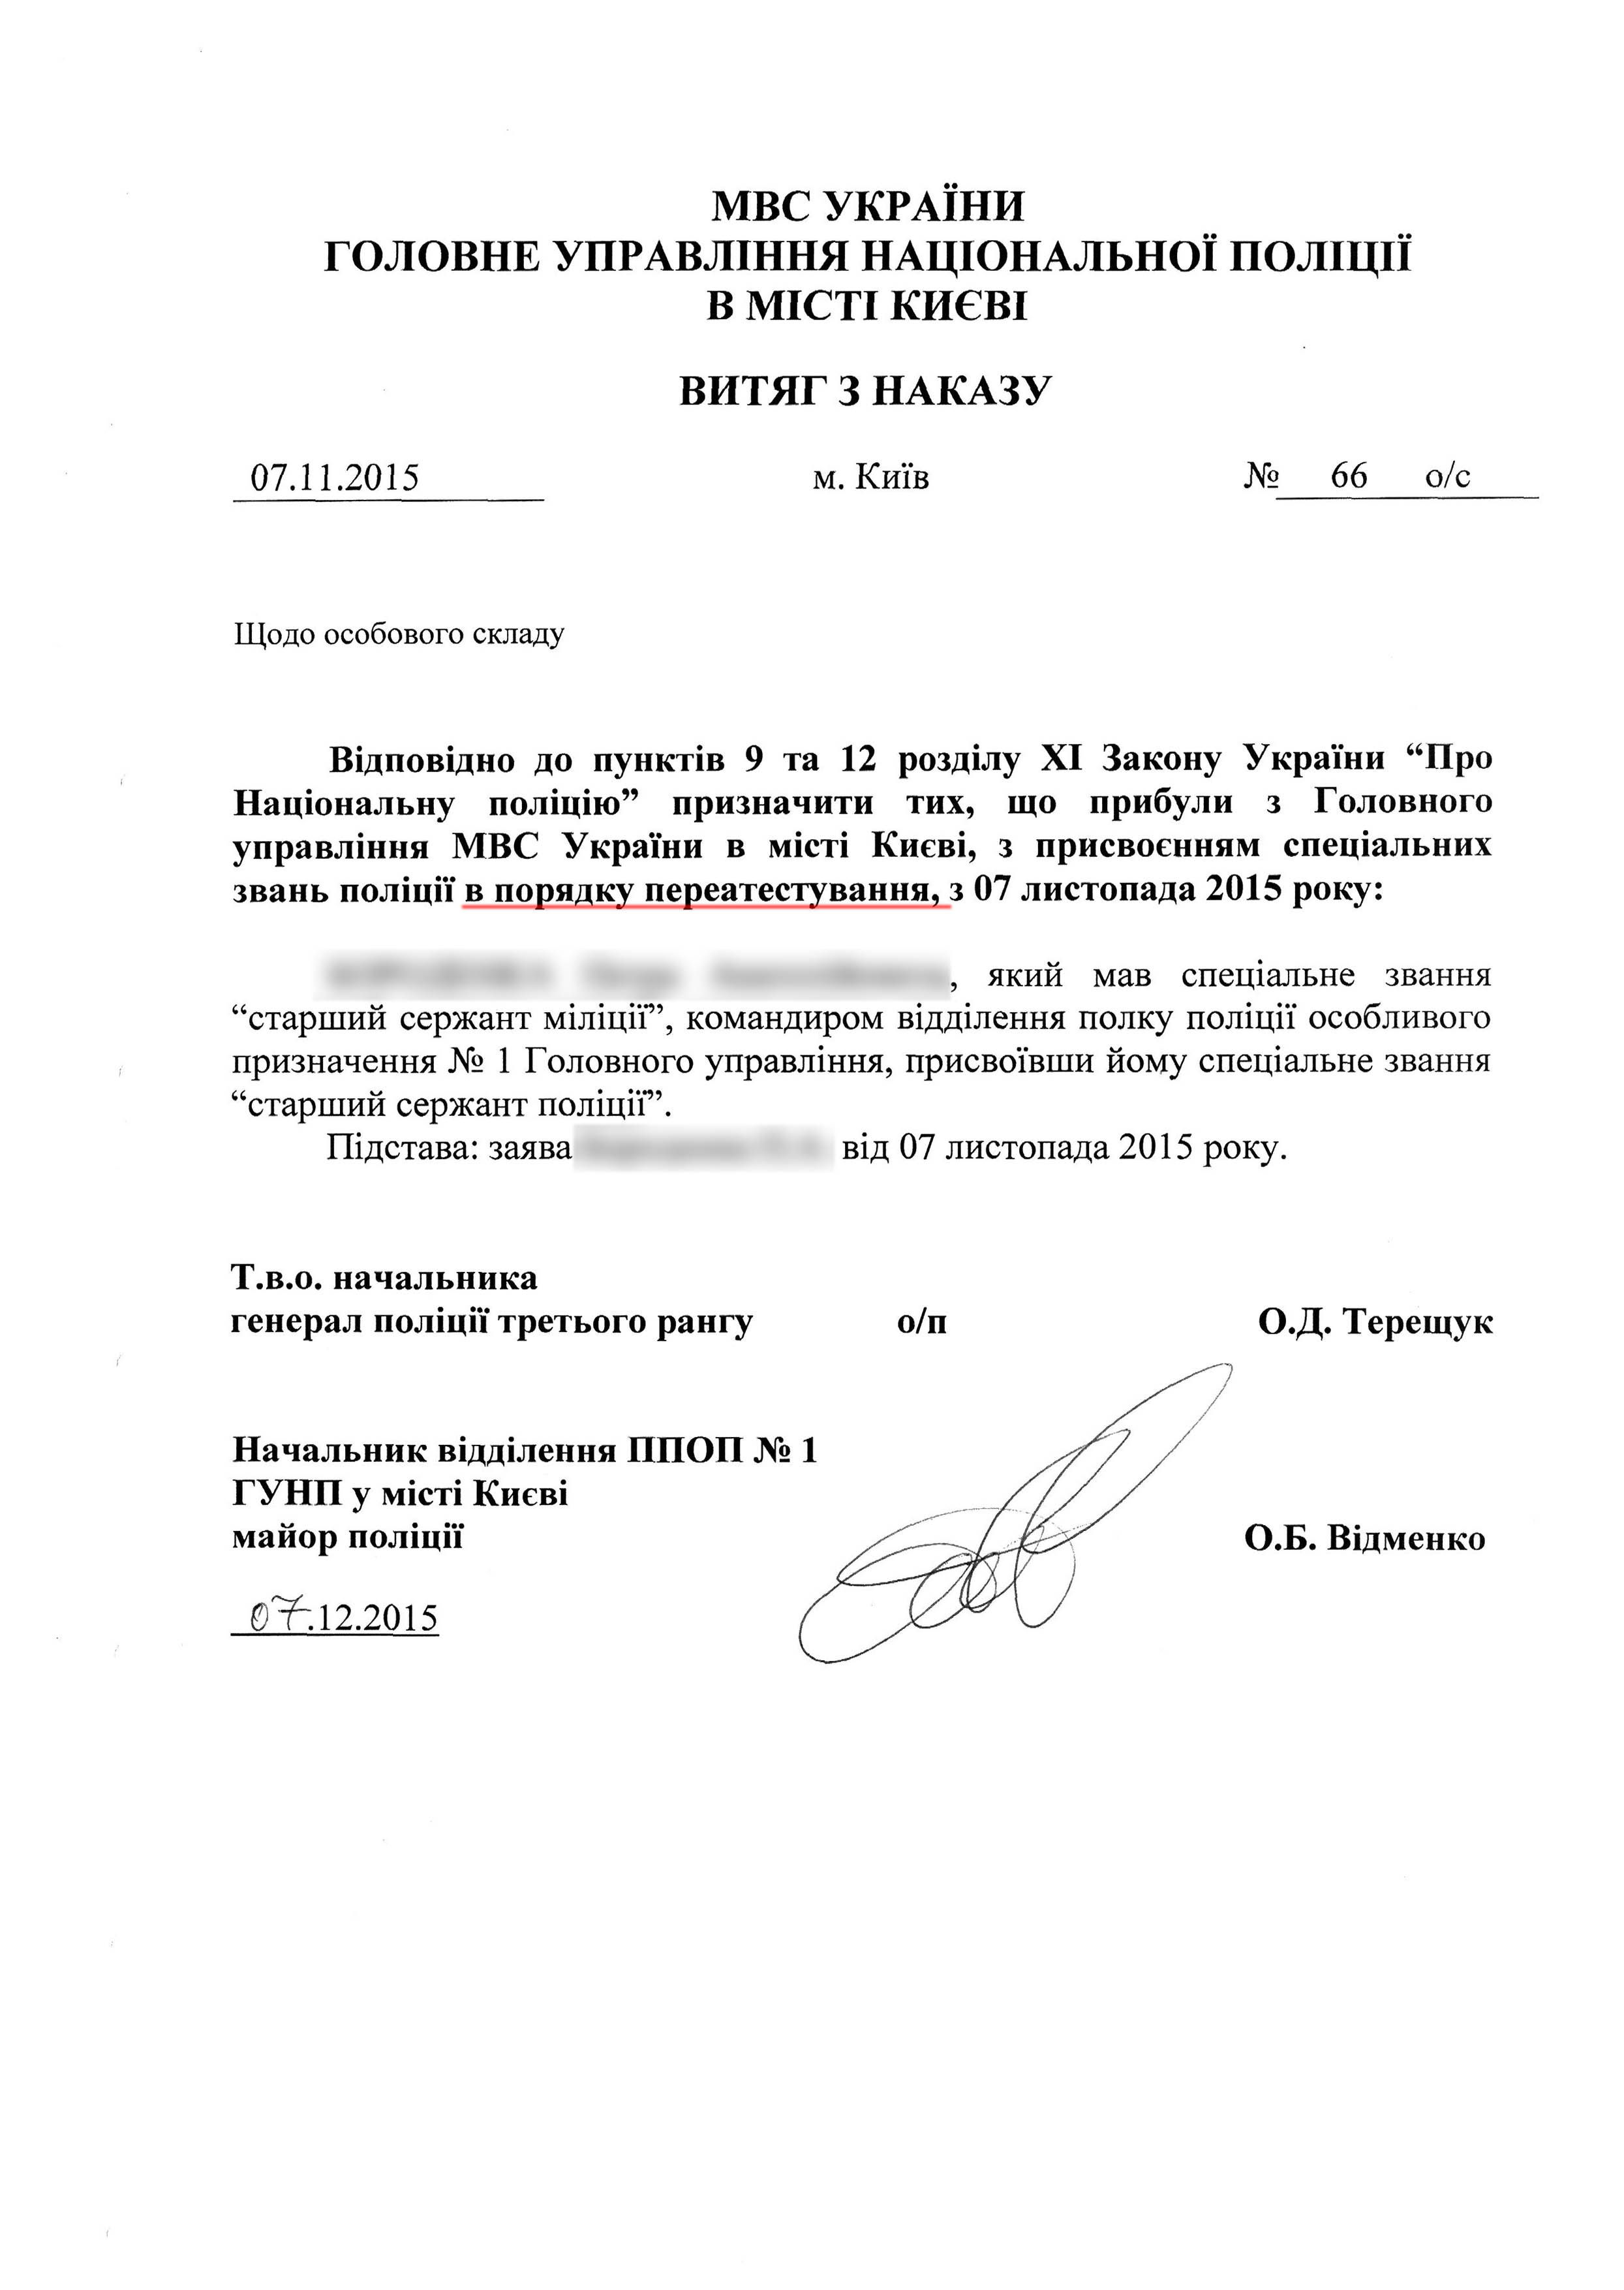 ГПУ оприлюднила накази про переатестацію екс-беркутівців до лав Нацполіції (ДОКУМЕНТИ) - фото 1